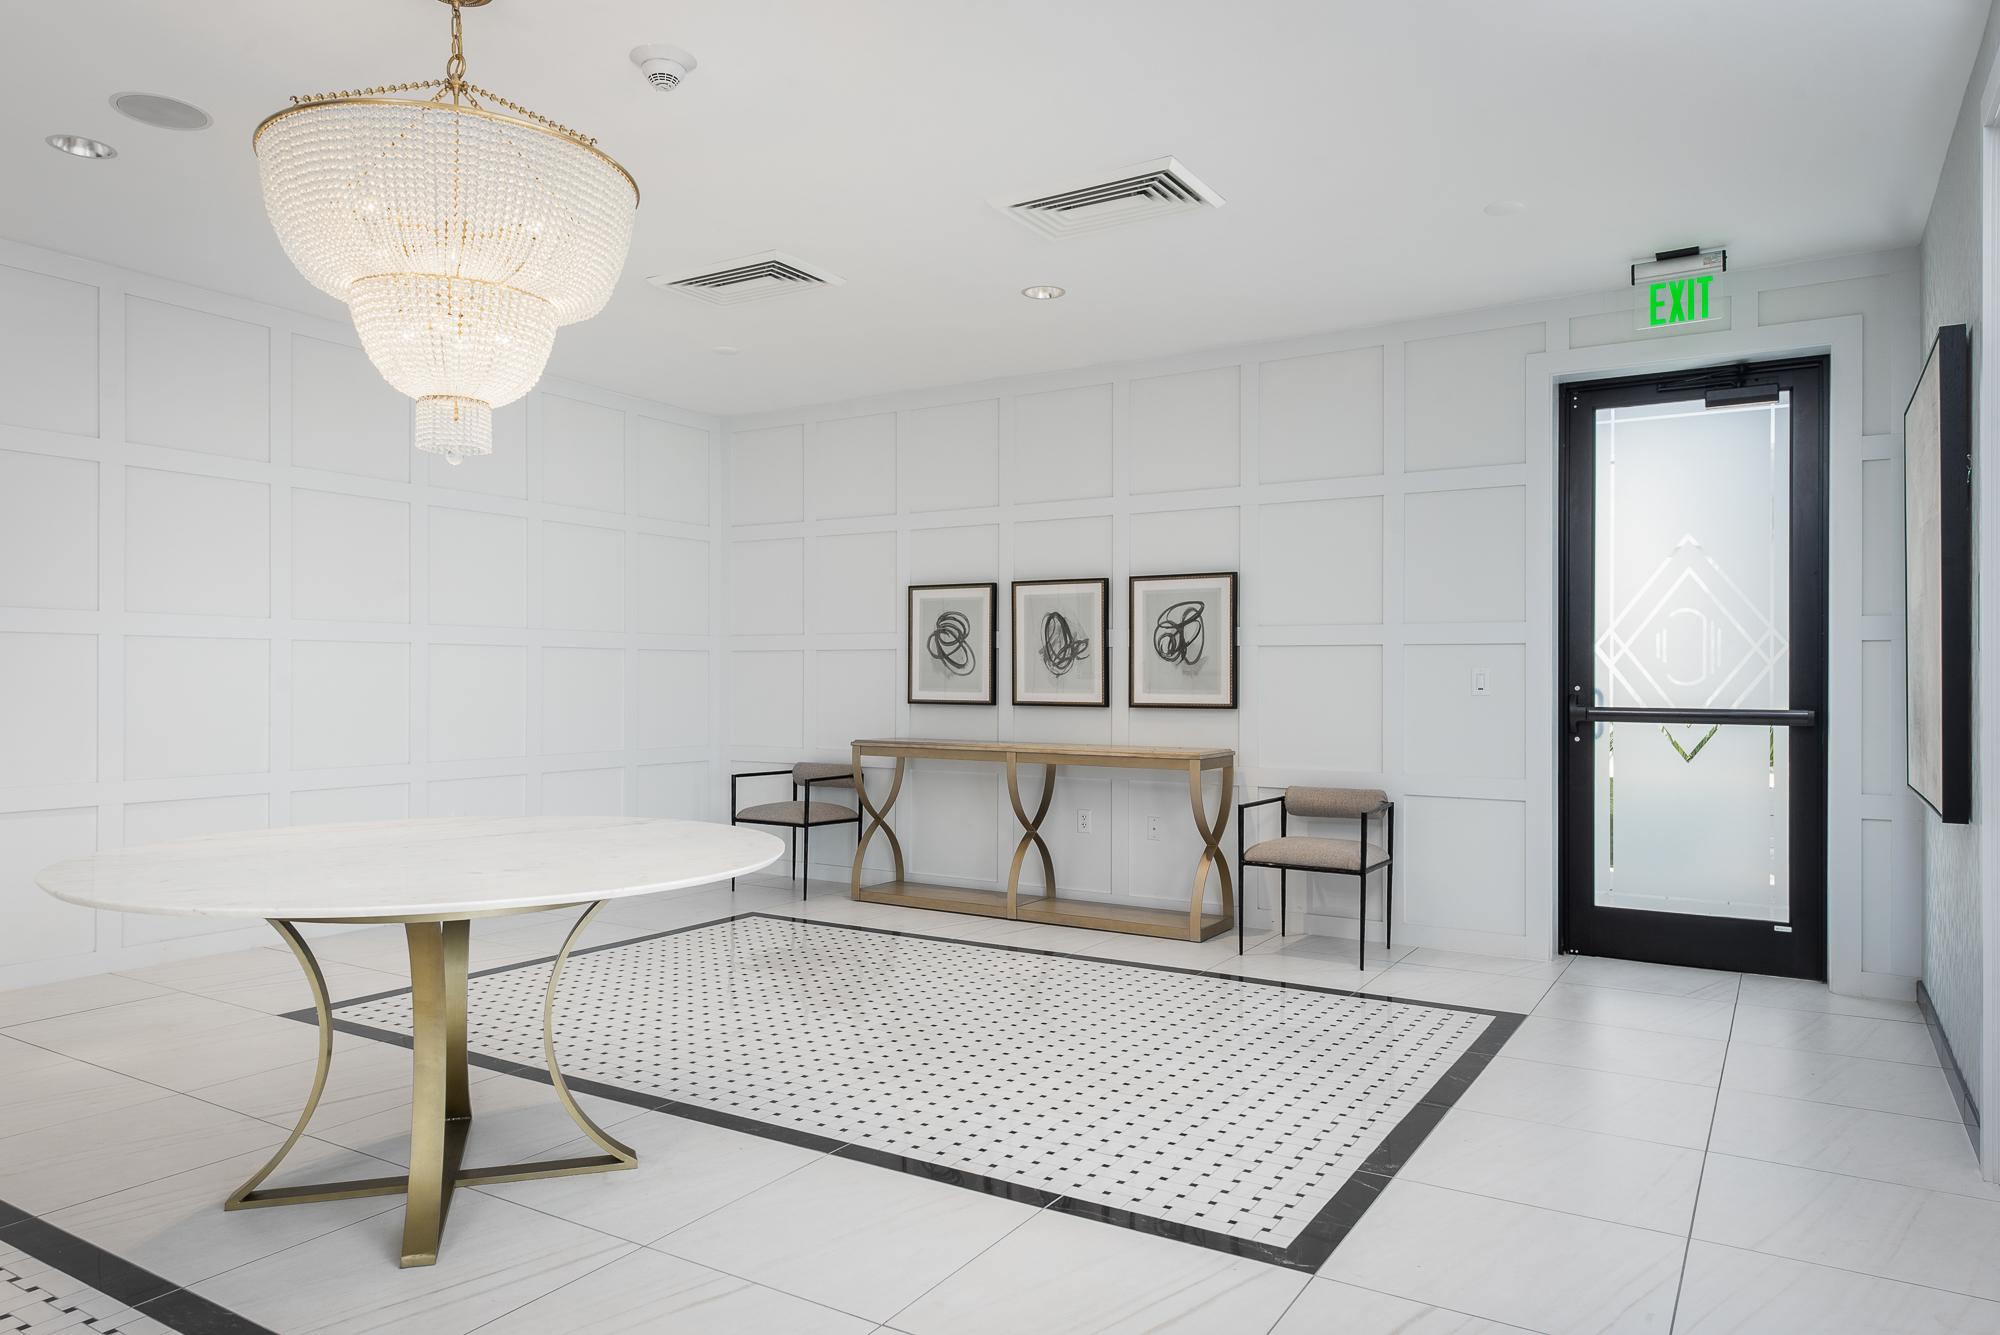 Micamy Design Studio_Interior Design_Clay Theatre_Event Space_Venue_Marble Floors_Art Deco_Modern_Marble Tile_Tile Inset_Tile Design_Circa Ligthing.jpg